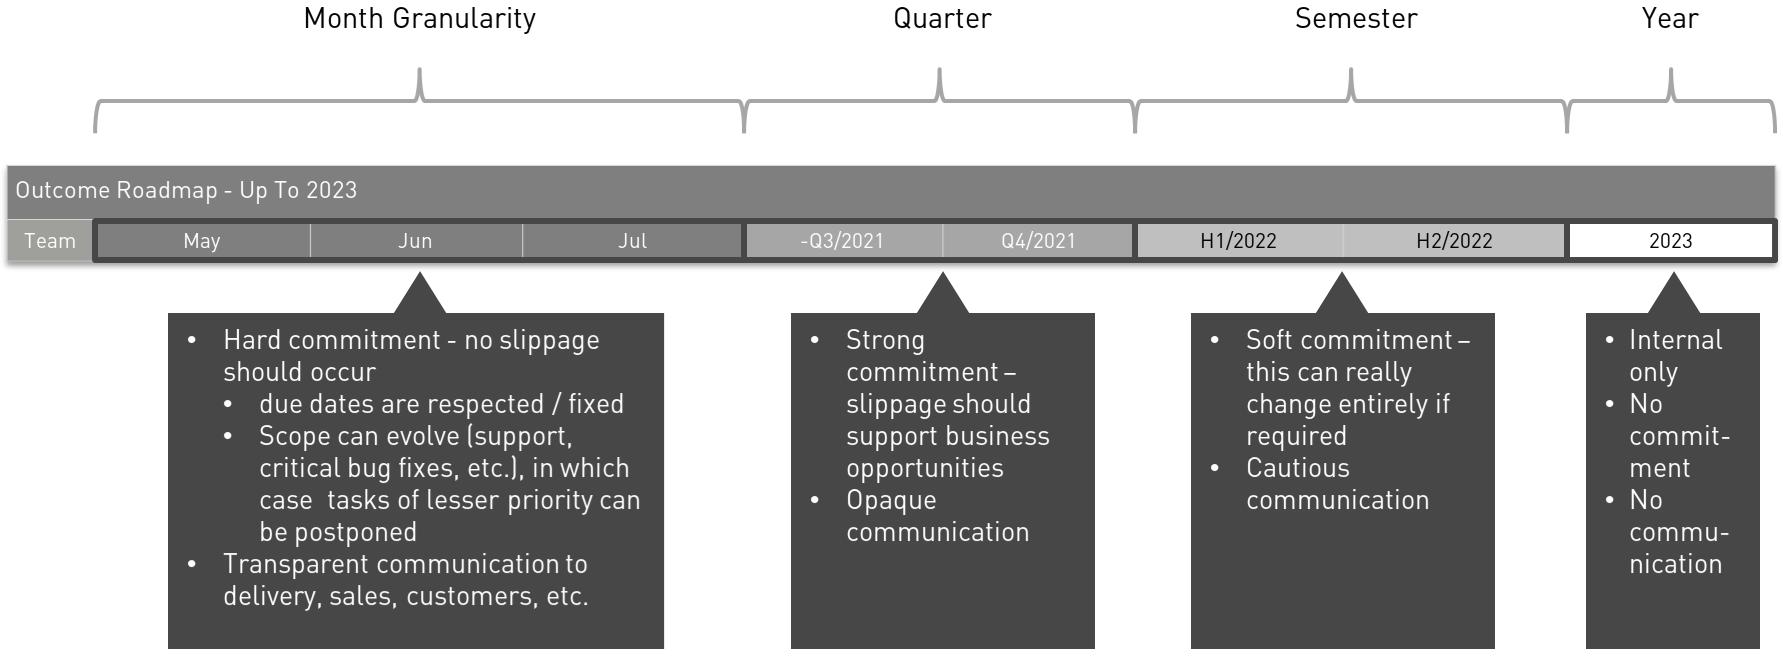 Roadmap timeline